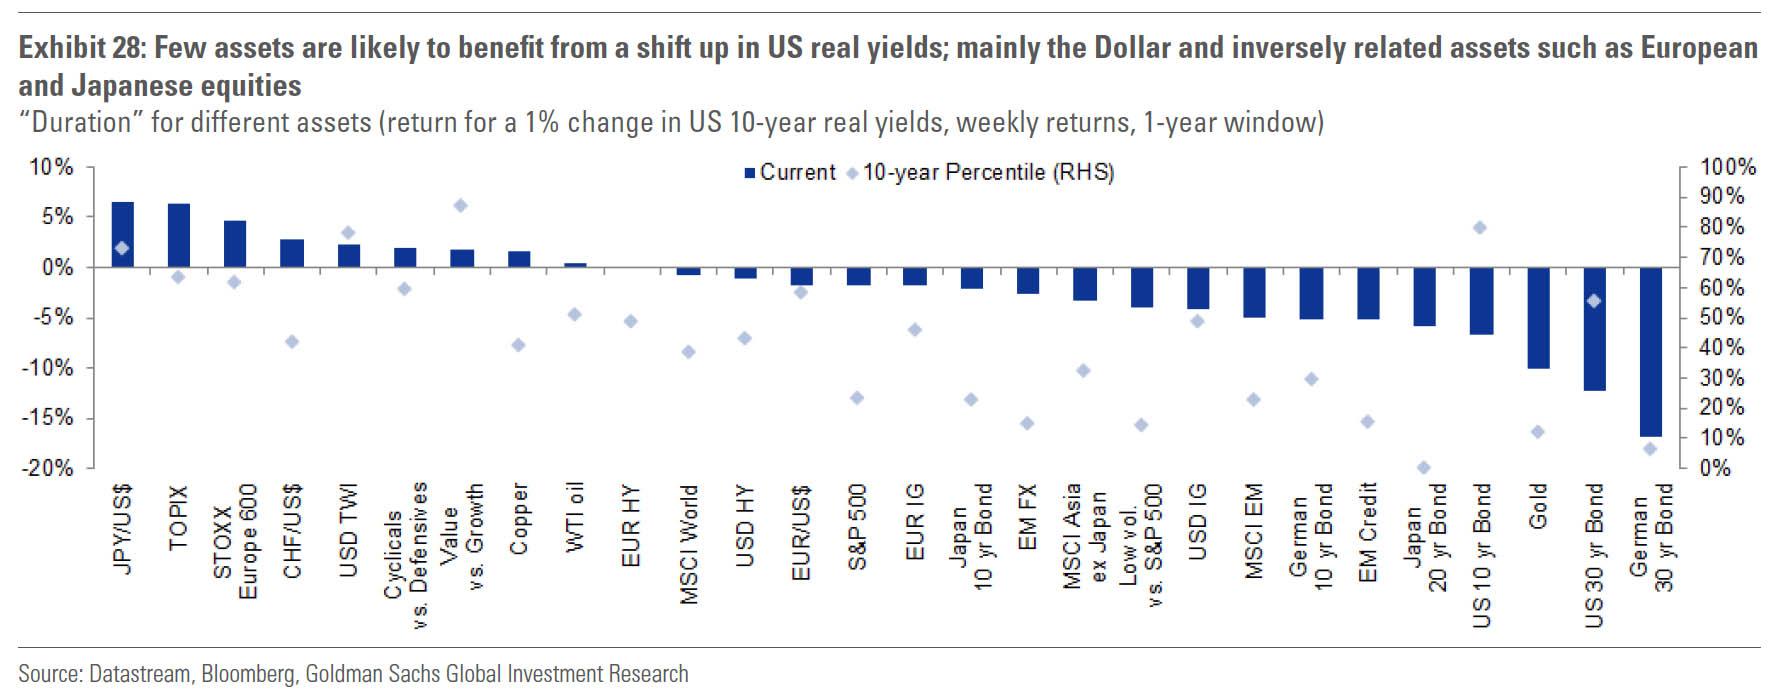 这是全市场唯一关键的资产 美债与其他大类资产相关度从没这么高